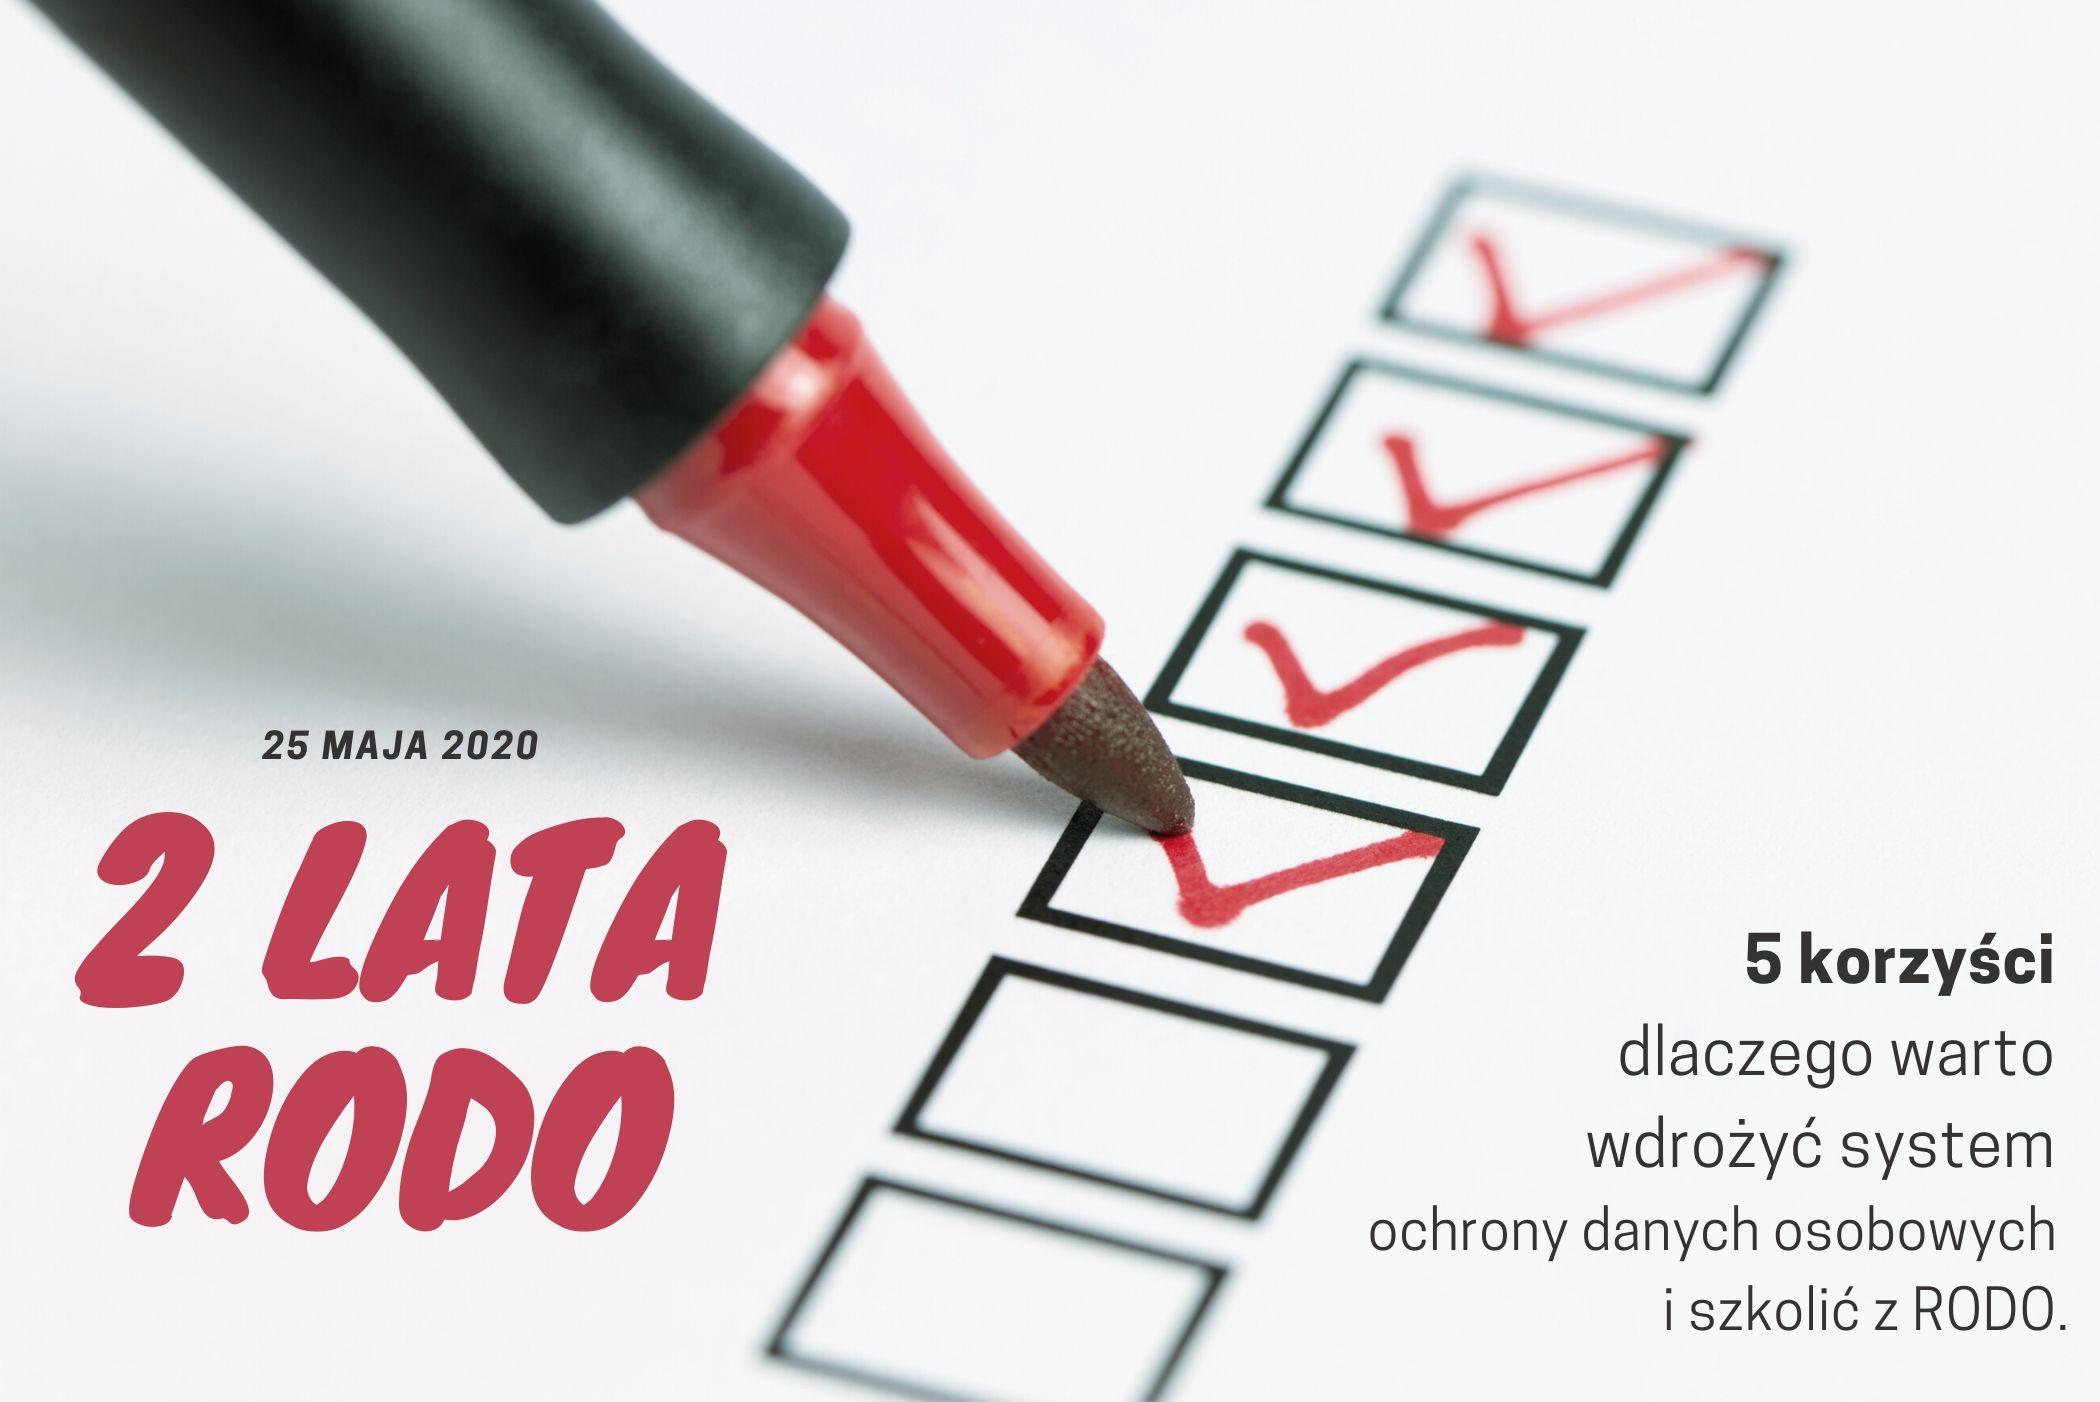 2 lata RODO - 5 korzyści dlaczego warto wdrozyc system ochrony danych osobowych